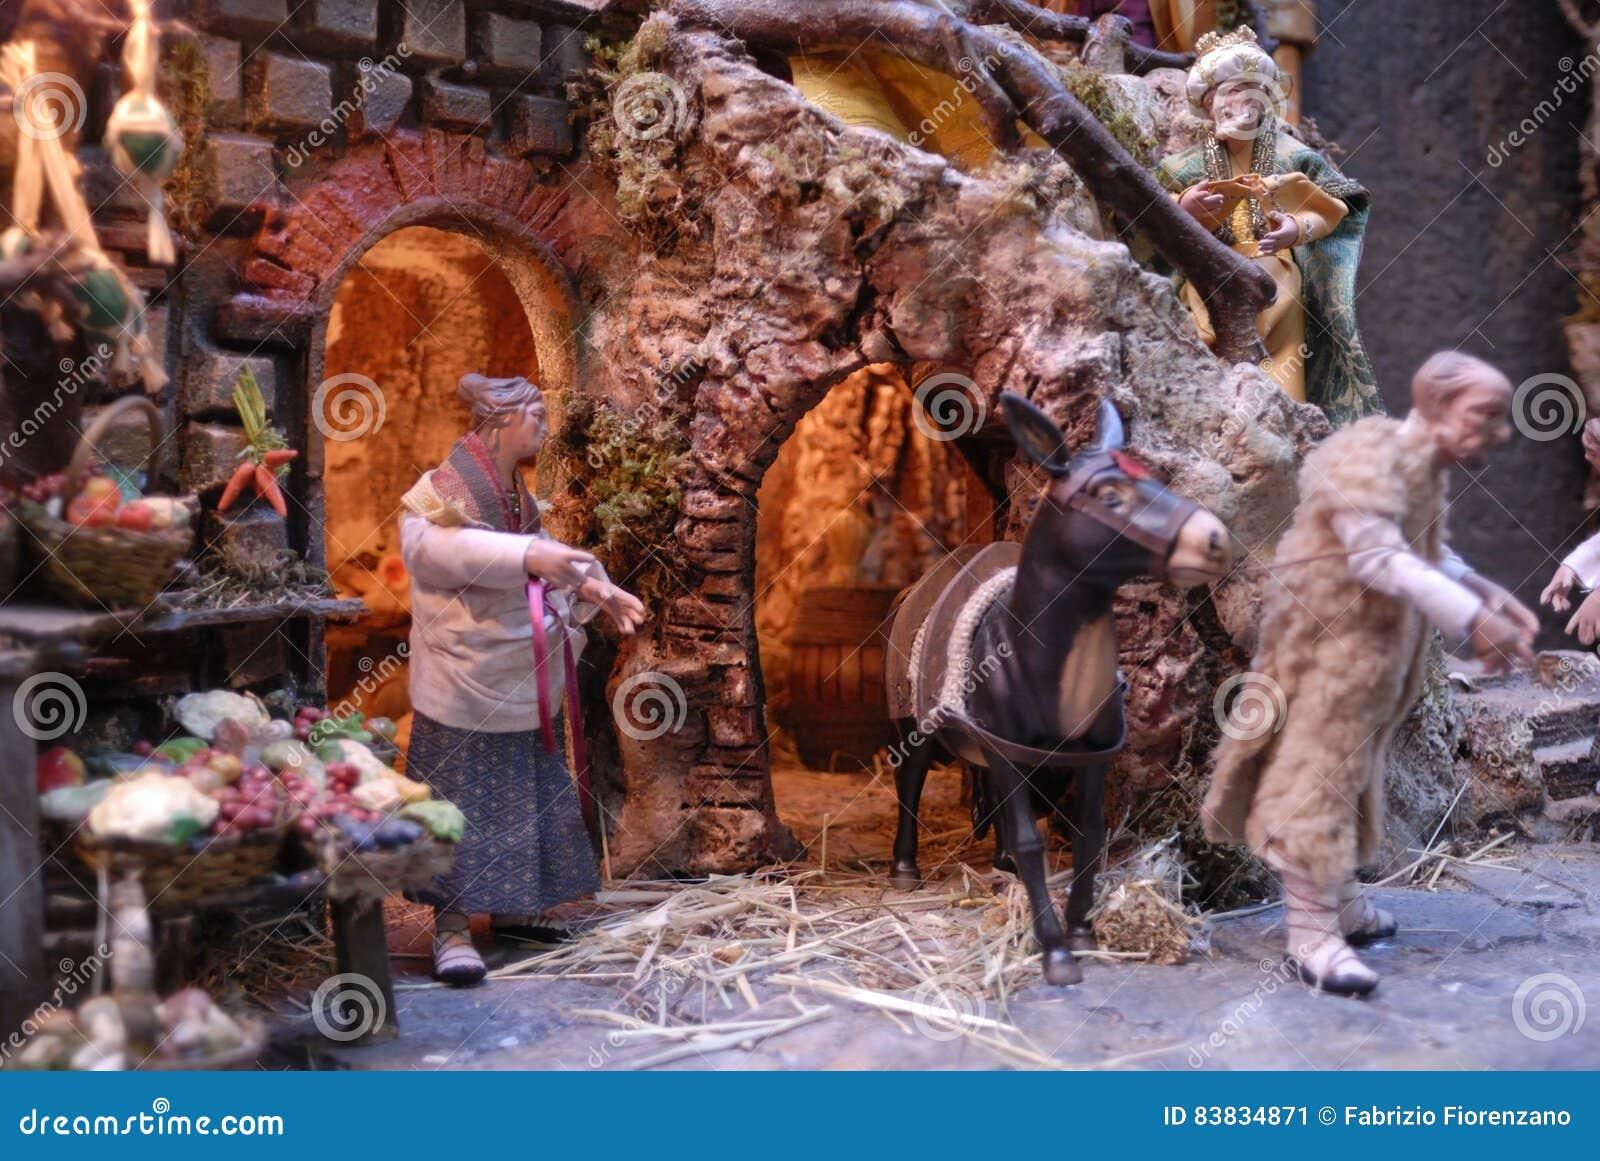 San Gregorio Armeno craftsmen